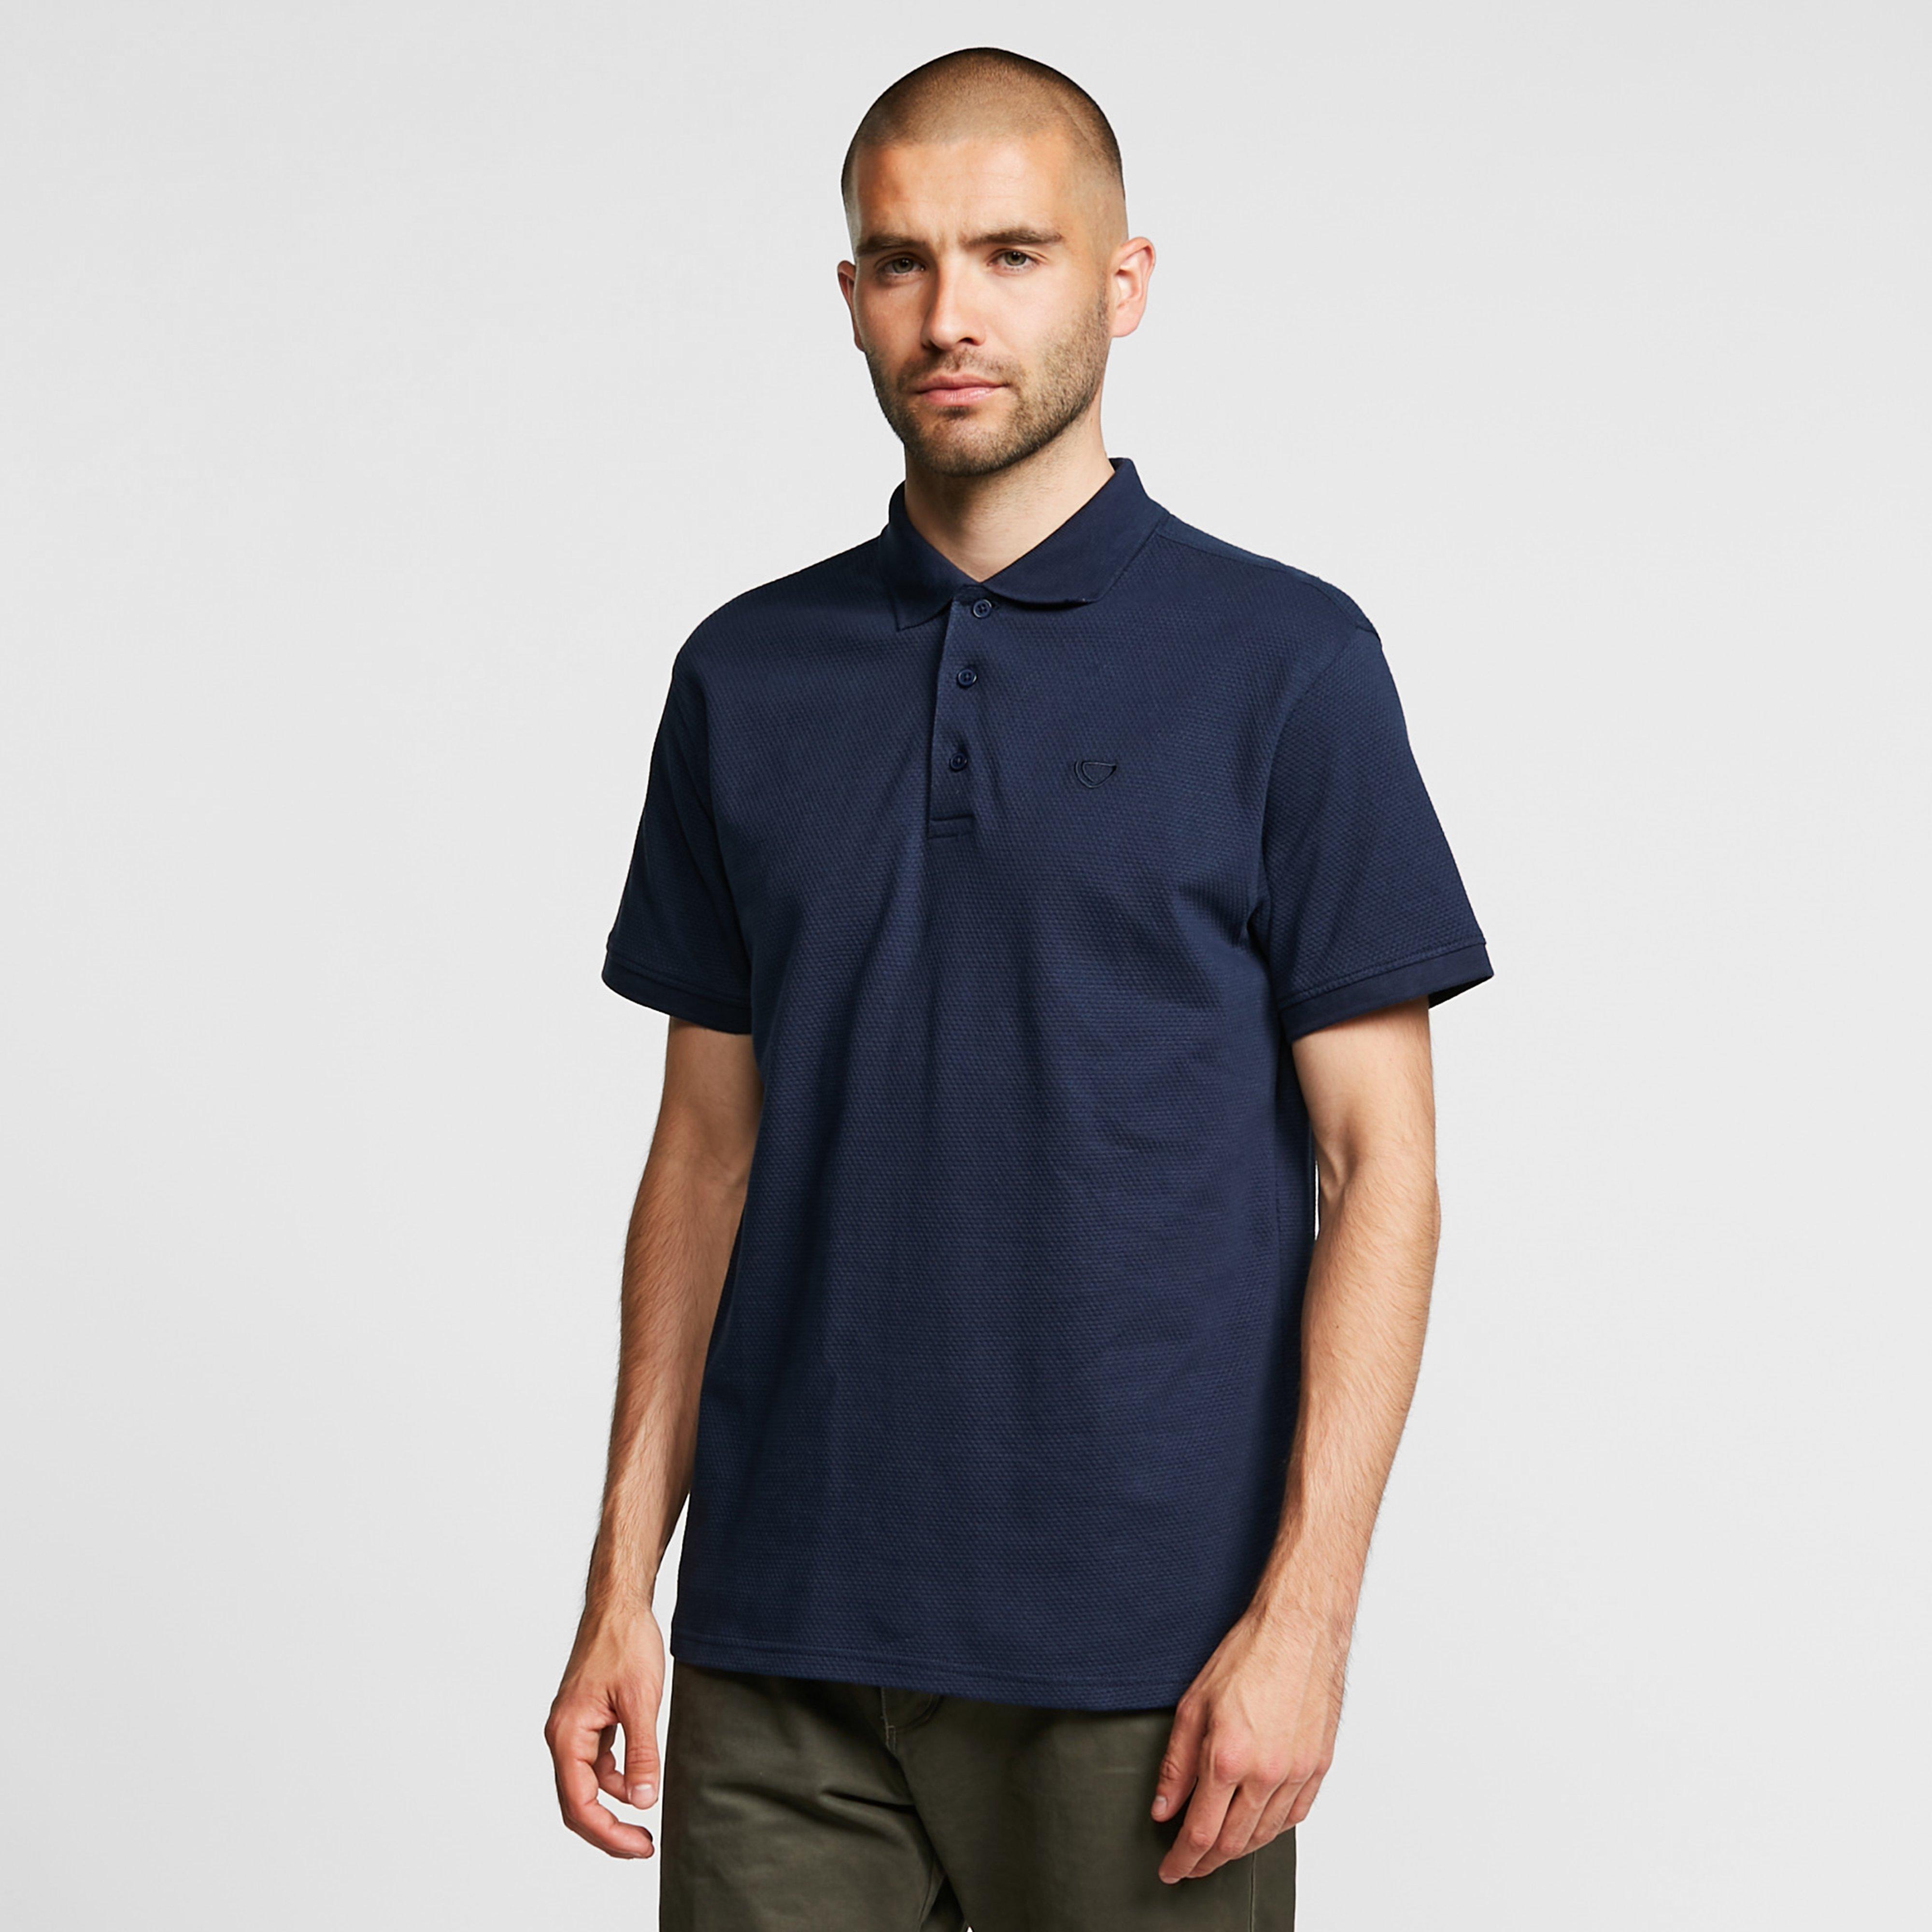 Brasher Mens Calder Polo Shirt - Navy/navy  Navy/navy